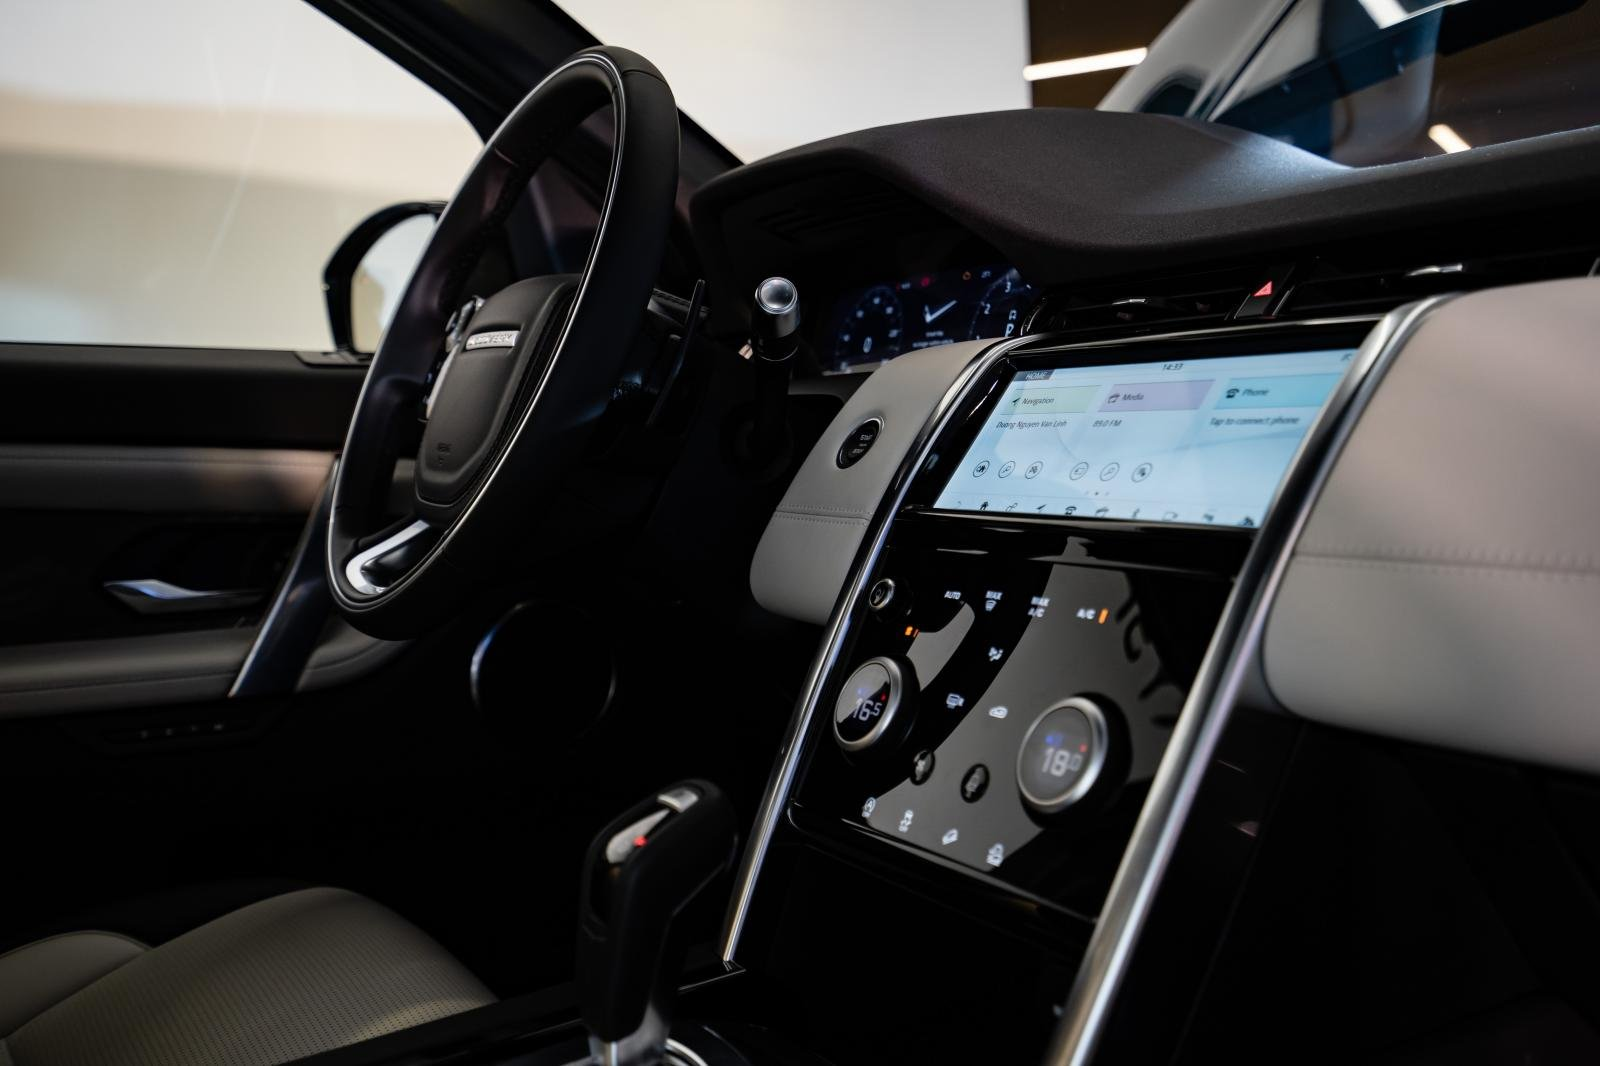 Land Rover Discovery Sport 2020 được nâng cấp đáng kể so với thế hệ cũ 1